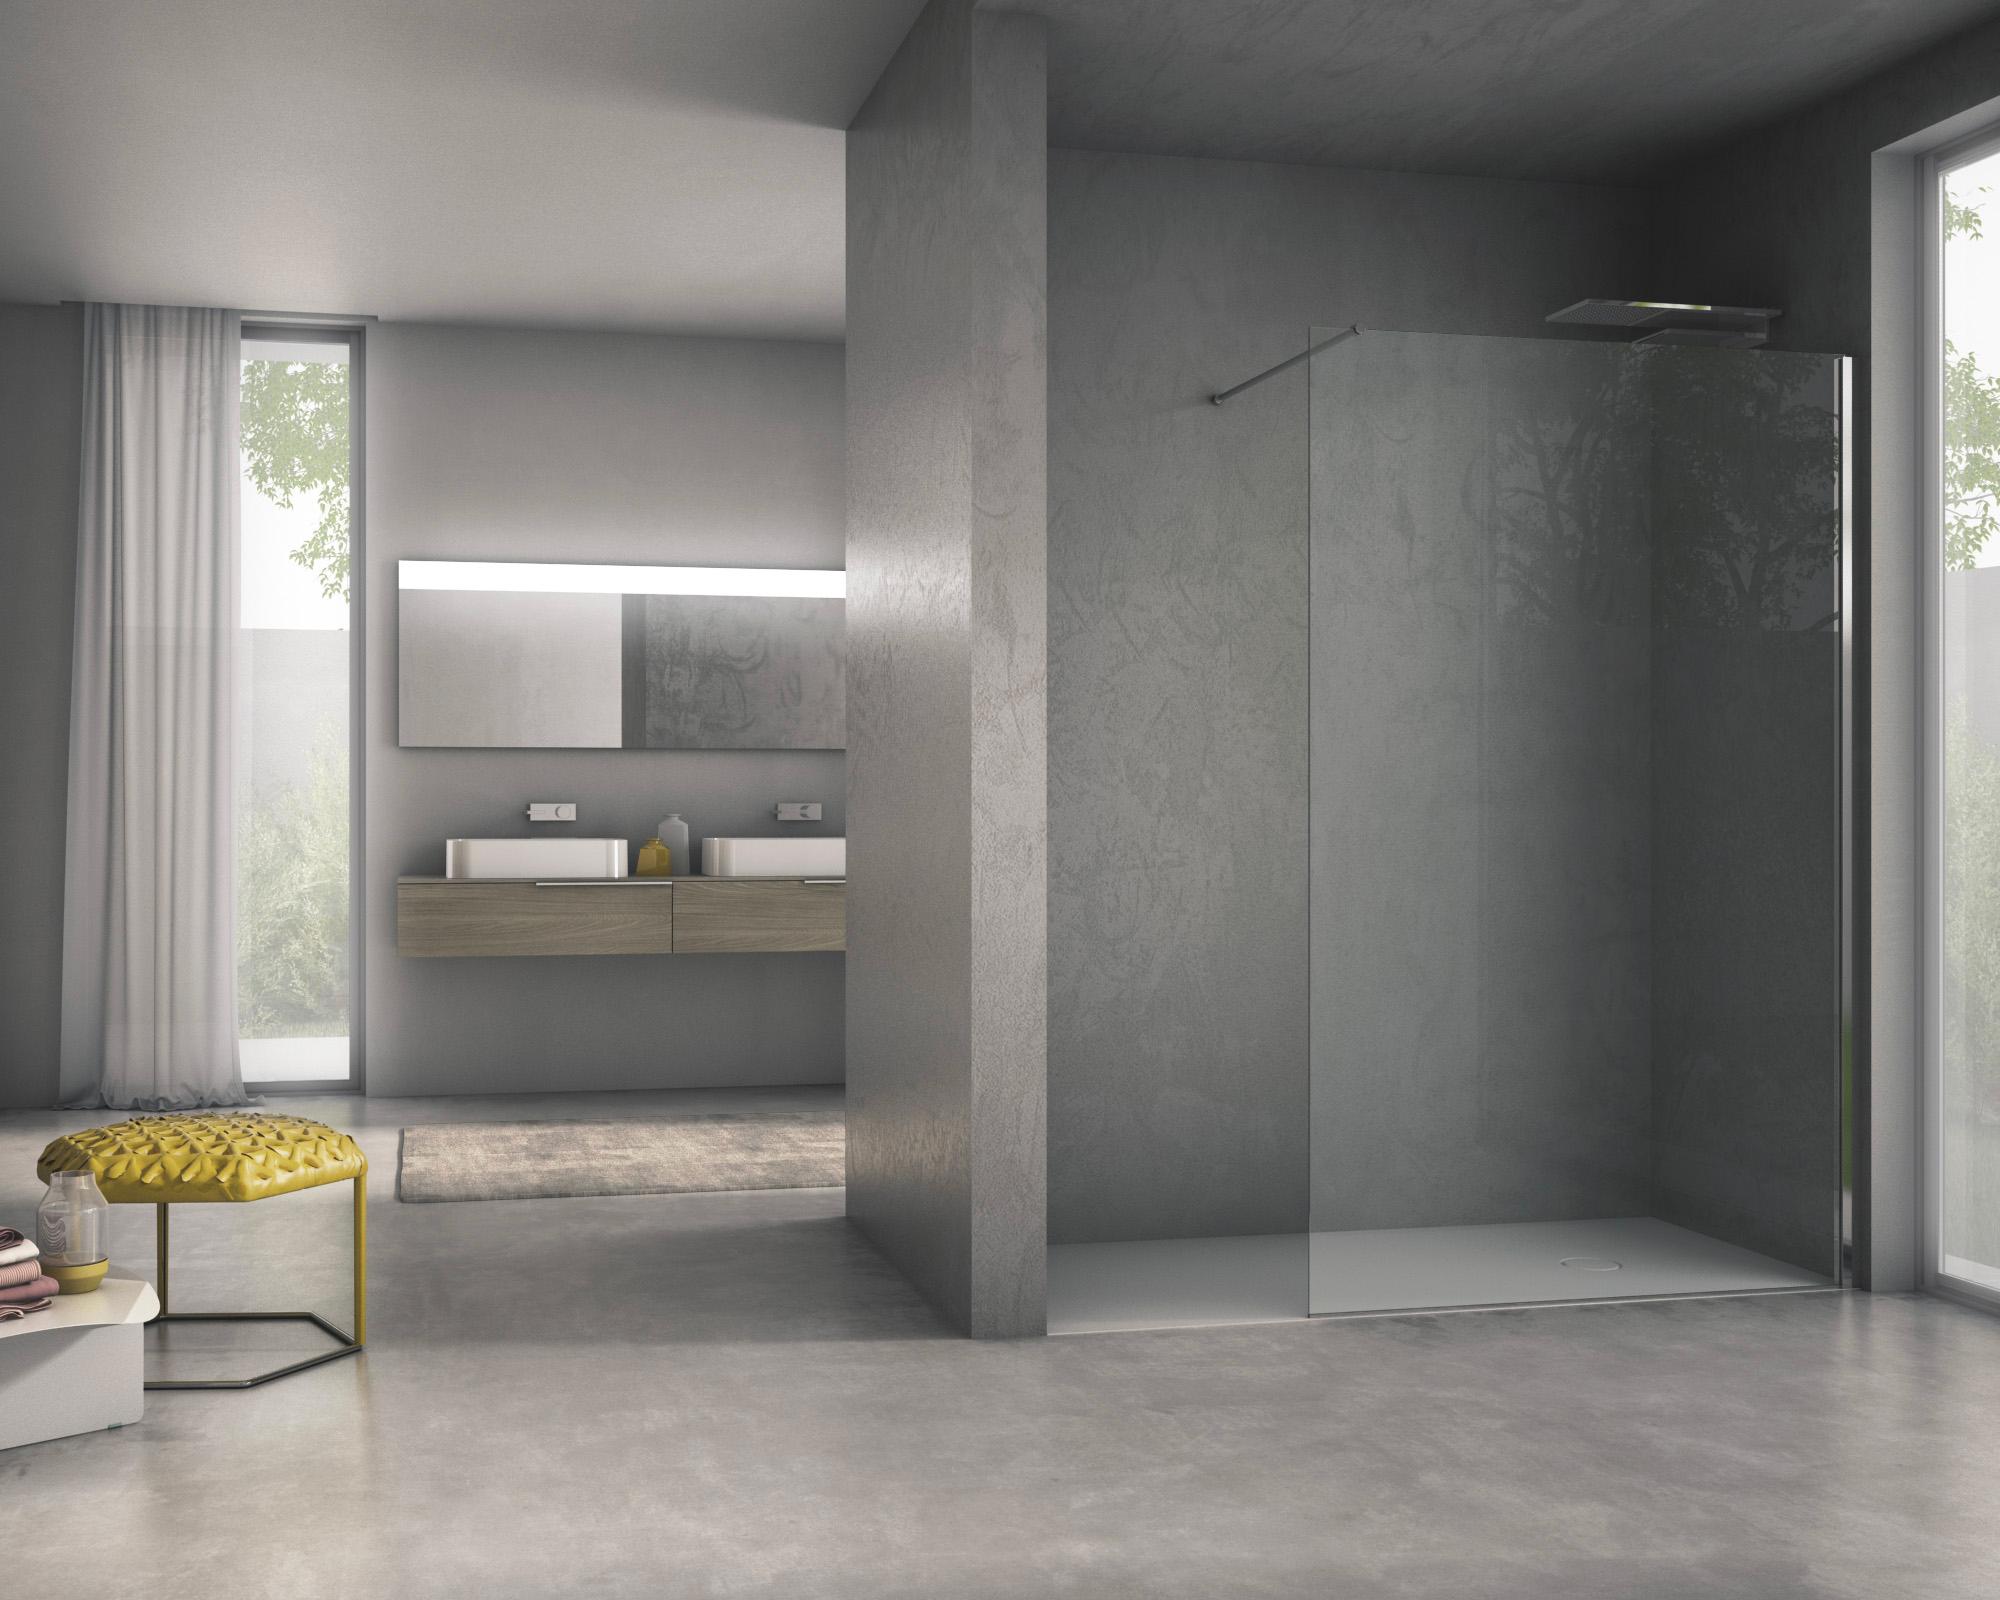 Vasche Da Bagno E Box Doccia.Come Scegliere Tra Vasca Da Bagno E Box Doccia Ideagroup Blog